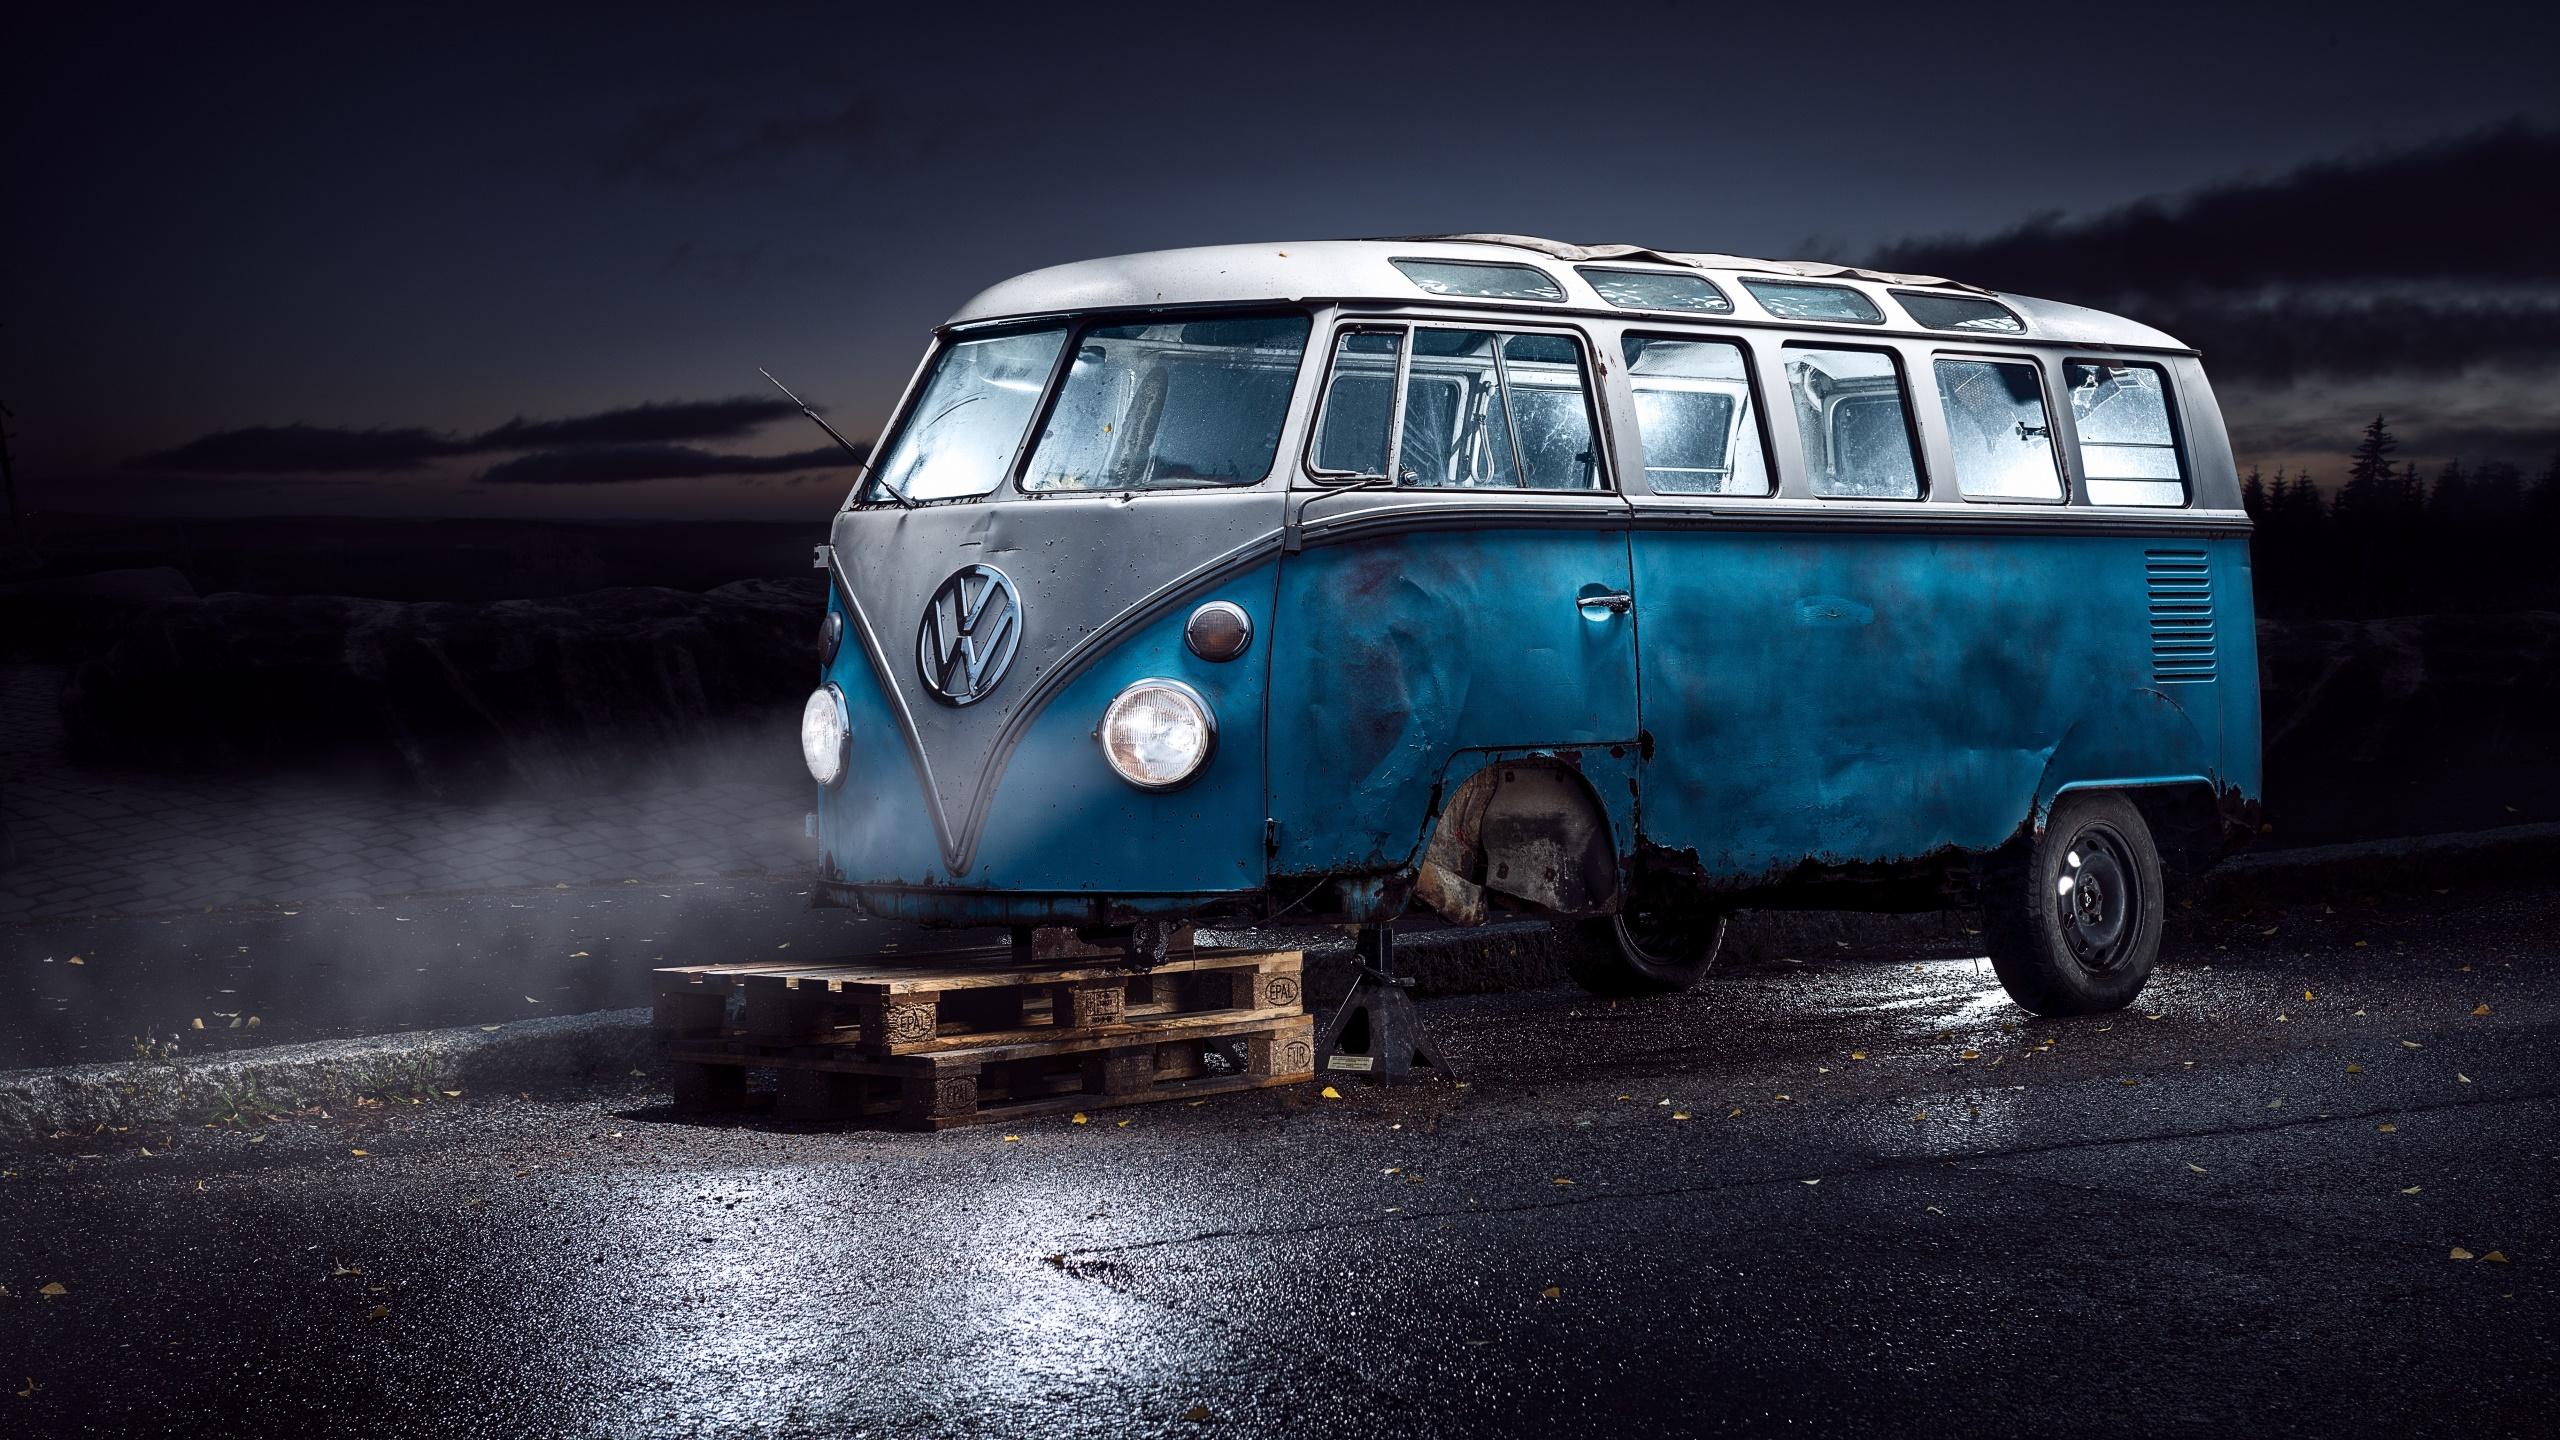 Volkswagen Van Wallpaper Hd   2560x1440   Download HD Wallpaper 2560x1440